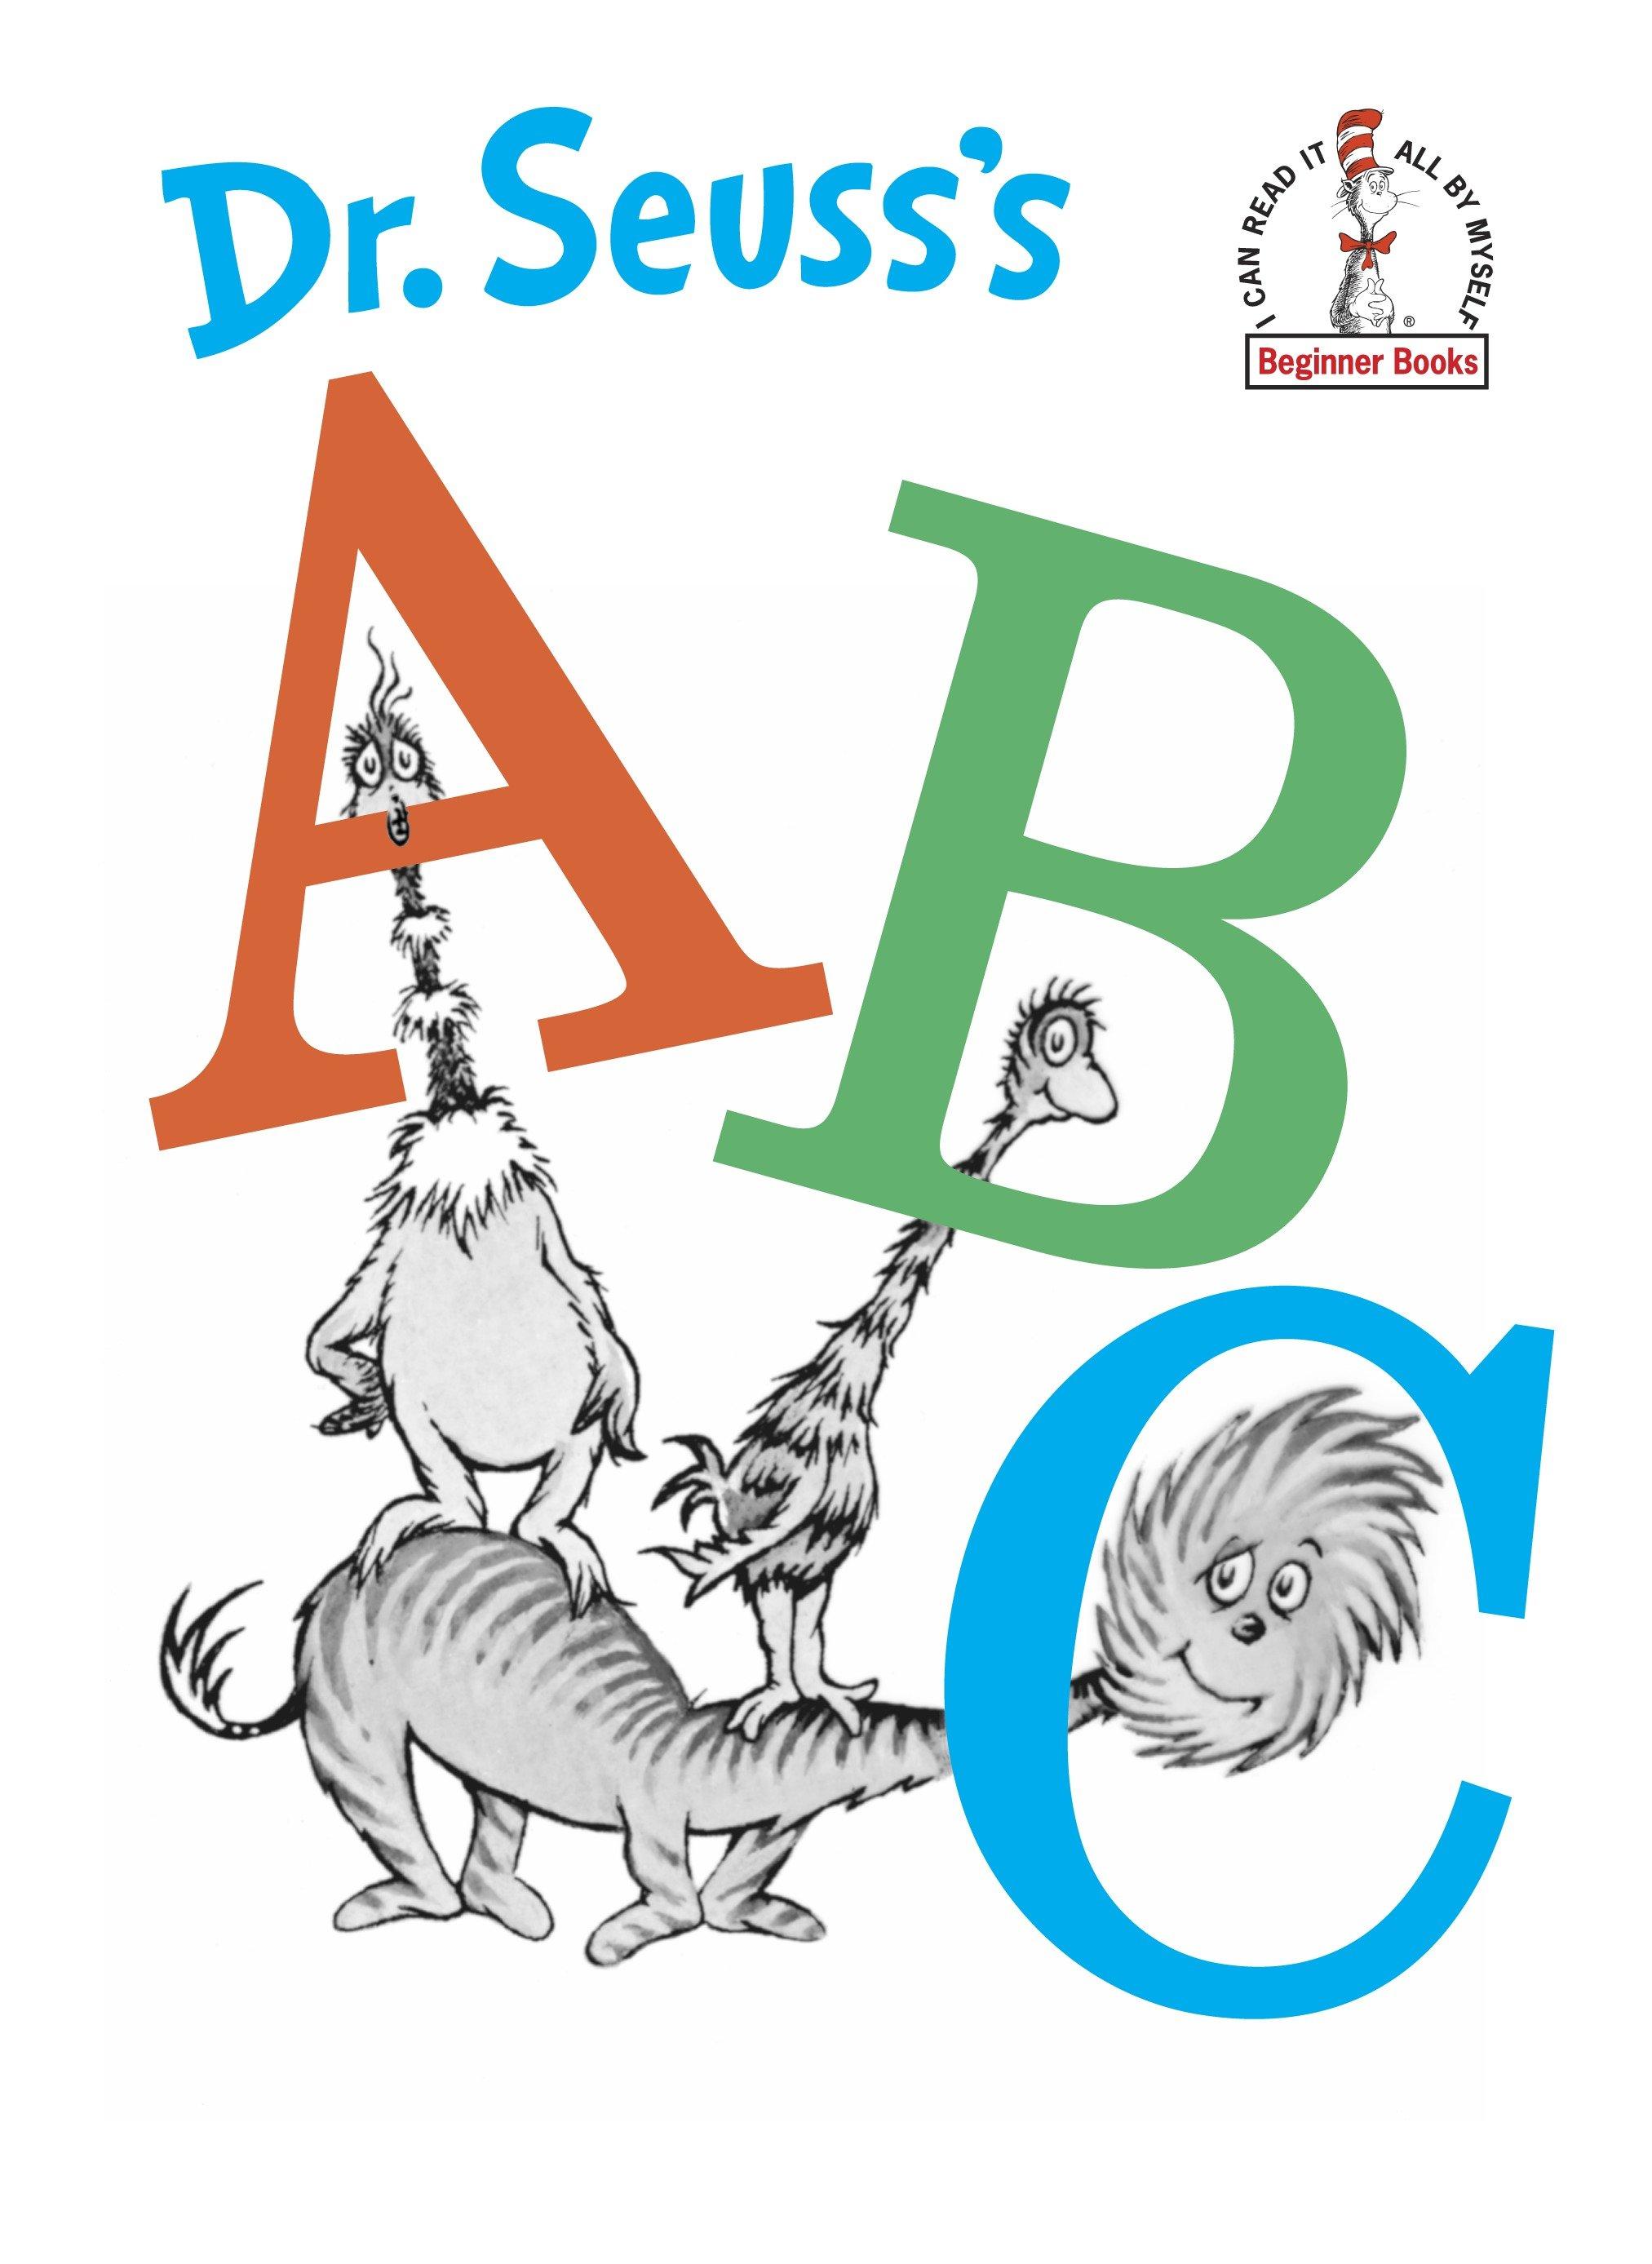 Dr. Seuss's ABC.